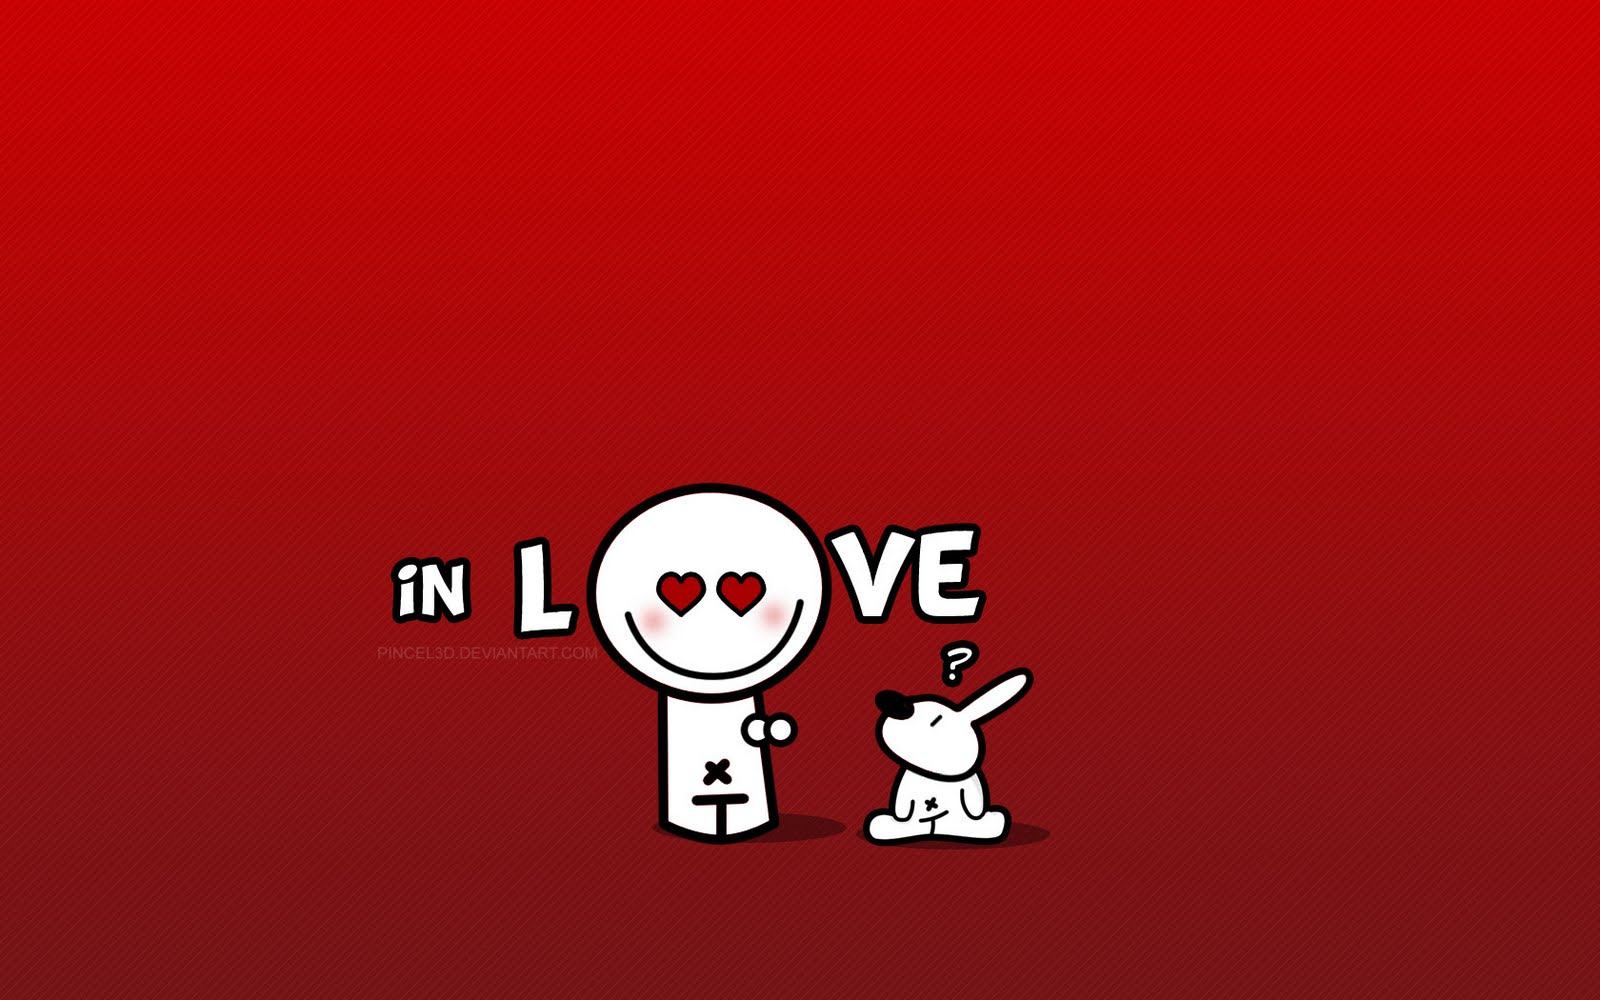 http://3.bp.blogspot.com/-ZraW81GNPHY/Ts6pBbTlxfI/AAAAAAAAAVM/kCABAA5VTGI/s1600/In_love_2_0_by_pincel3d.jpg